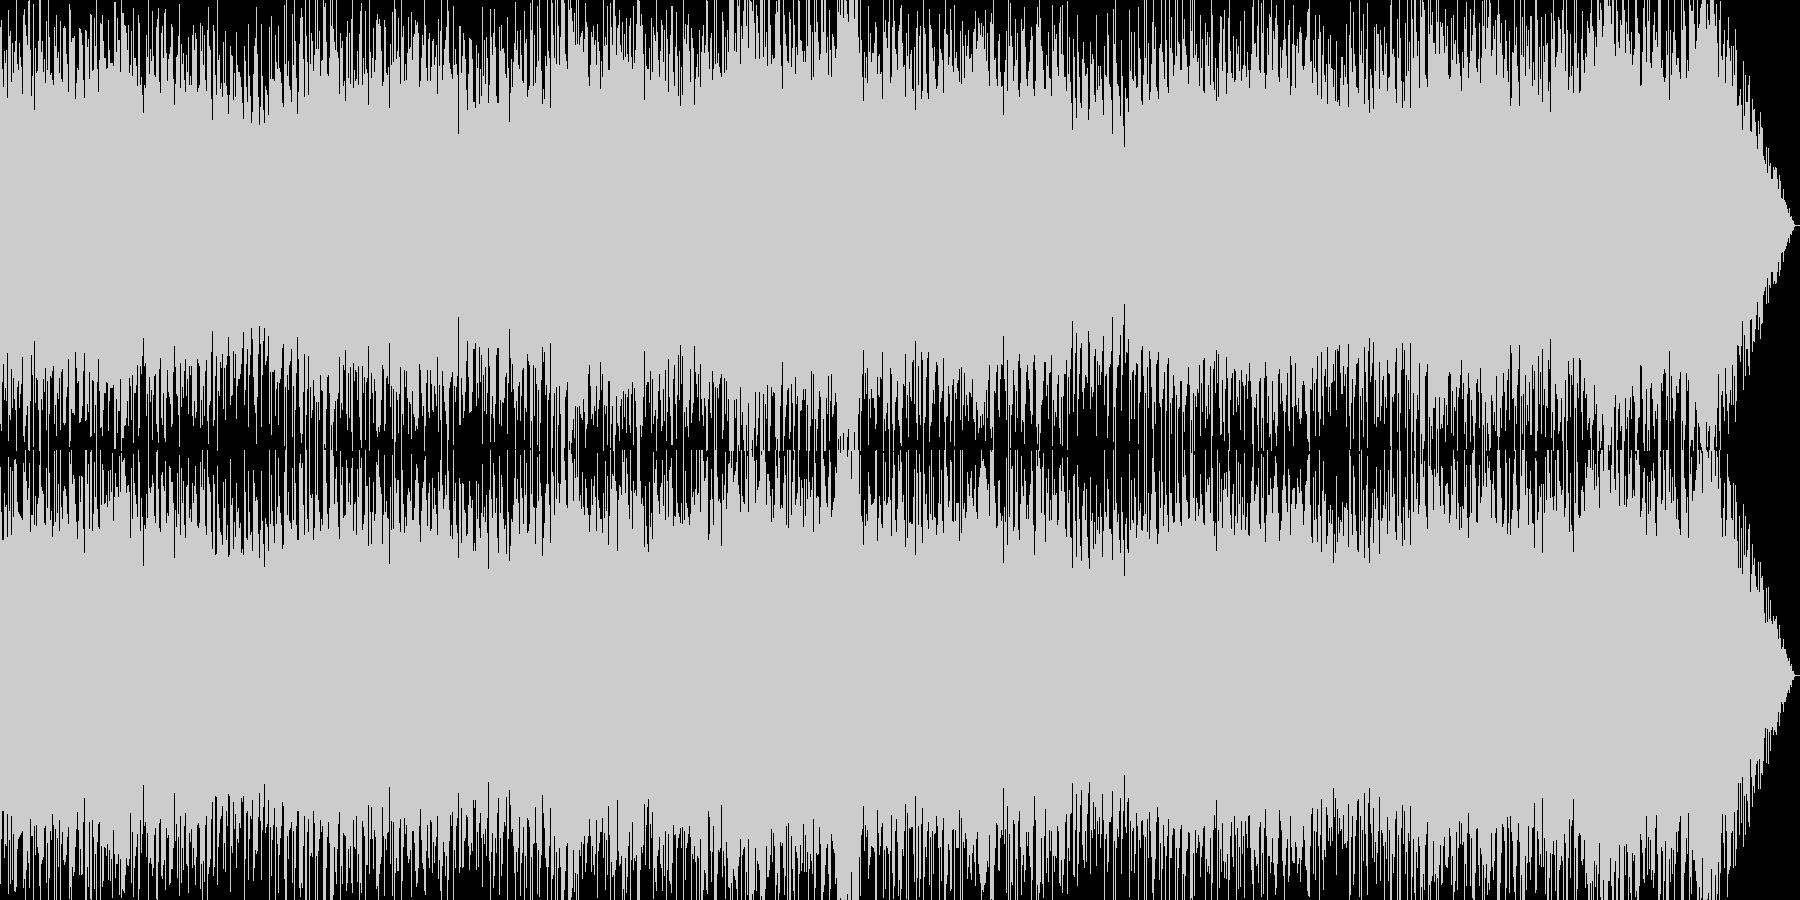 軽快ポップなゲームBGM系インストの未再生の波形